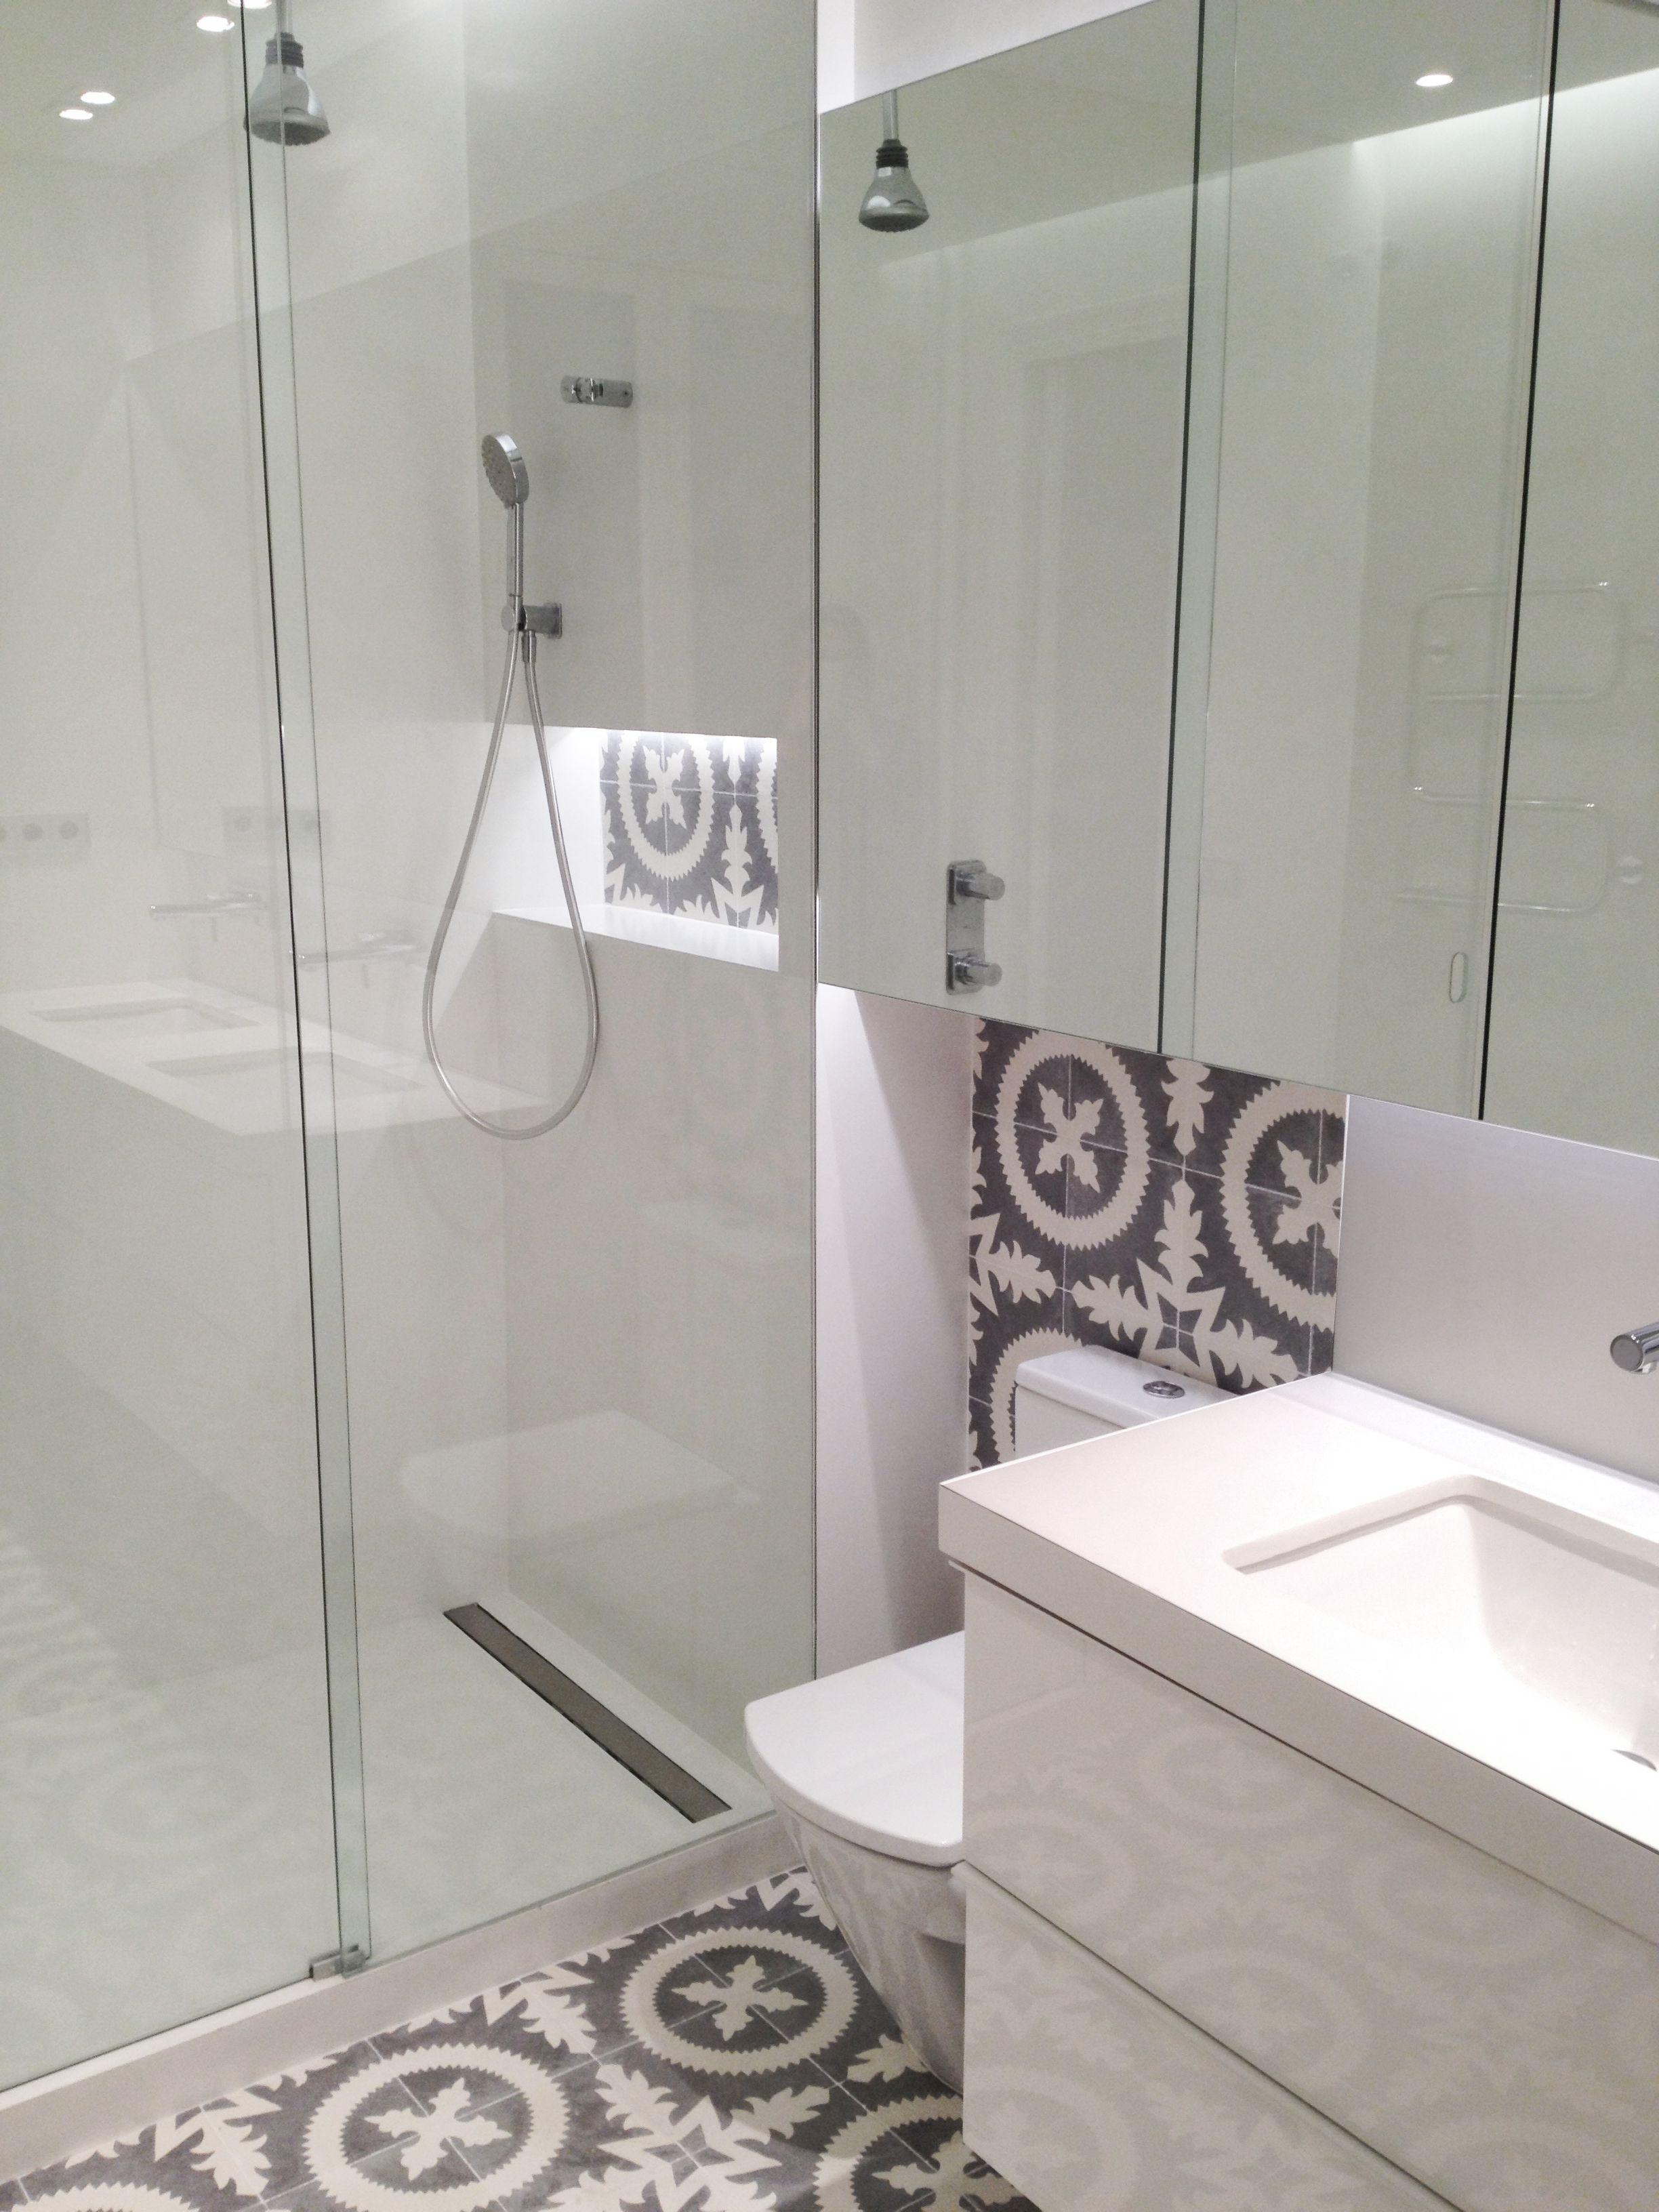 Cuartos De Baño En Microcemento:Cuarto de baño en microcemento blanco y baldosa hidráulica Mampara